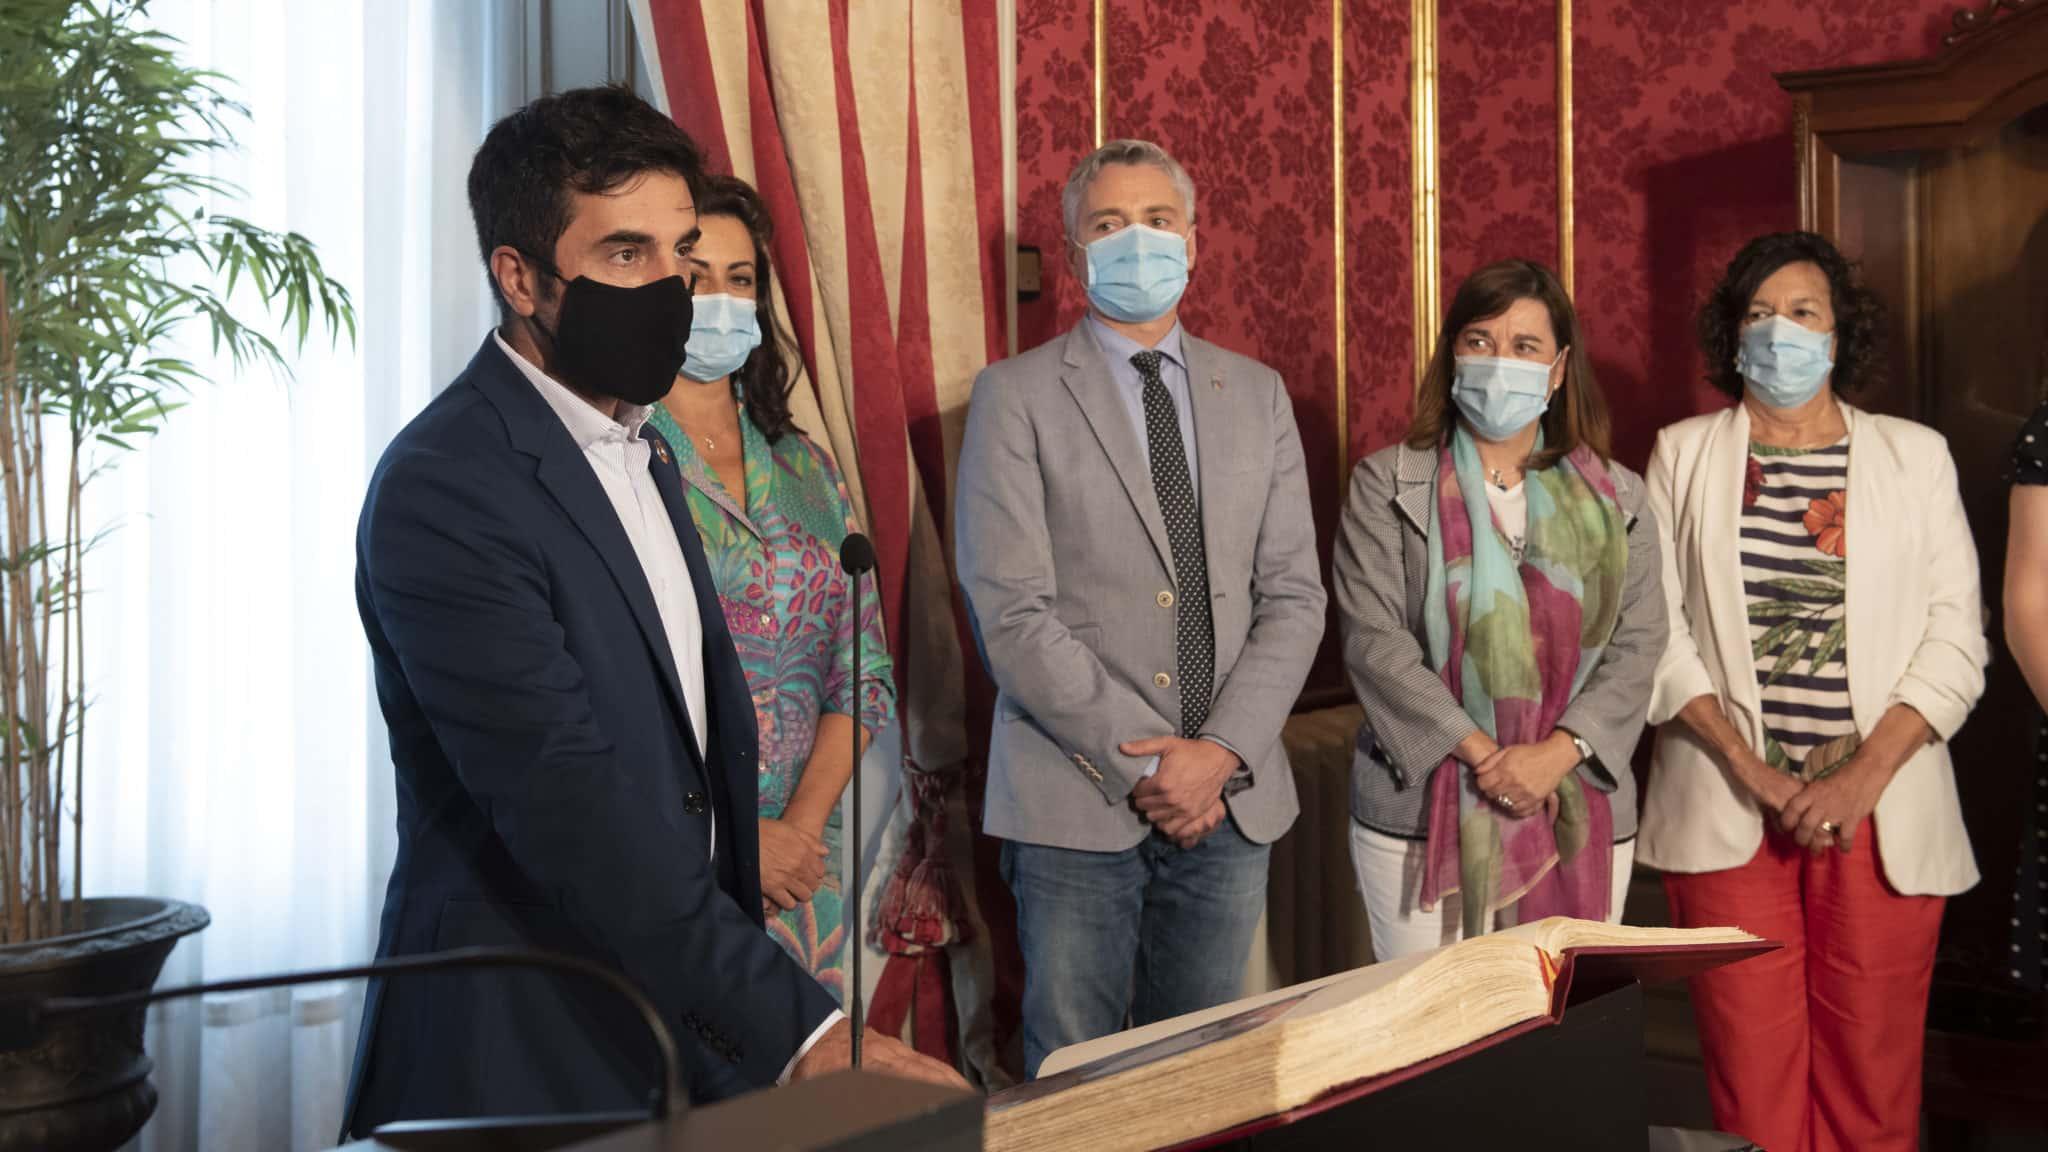 El nuevo consejero de Transición Ecológica apuesta por un futuro para La Rioja basado en la sostenibilidad ambiental 1